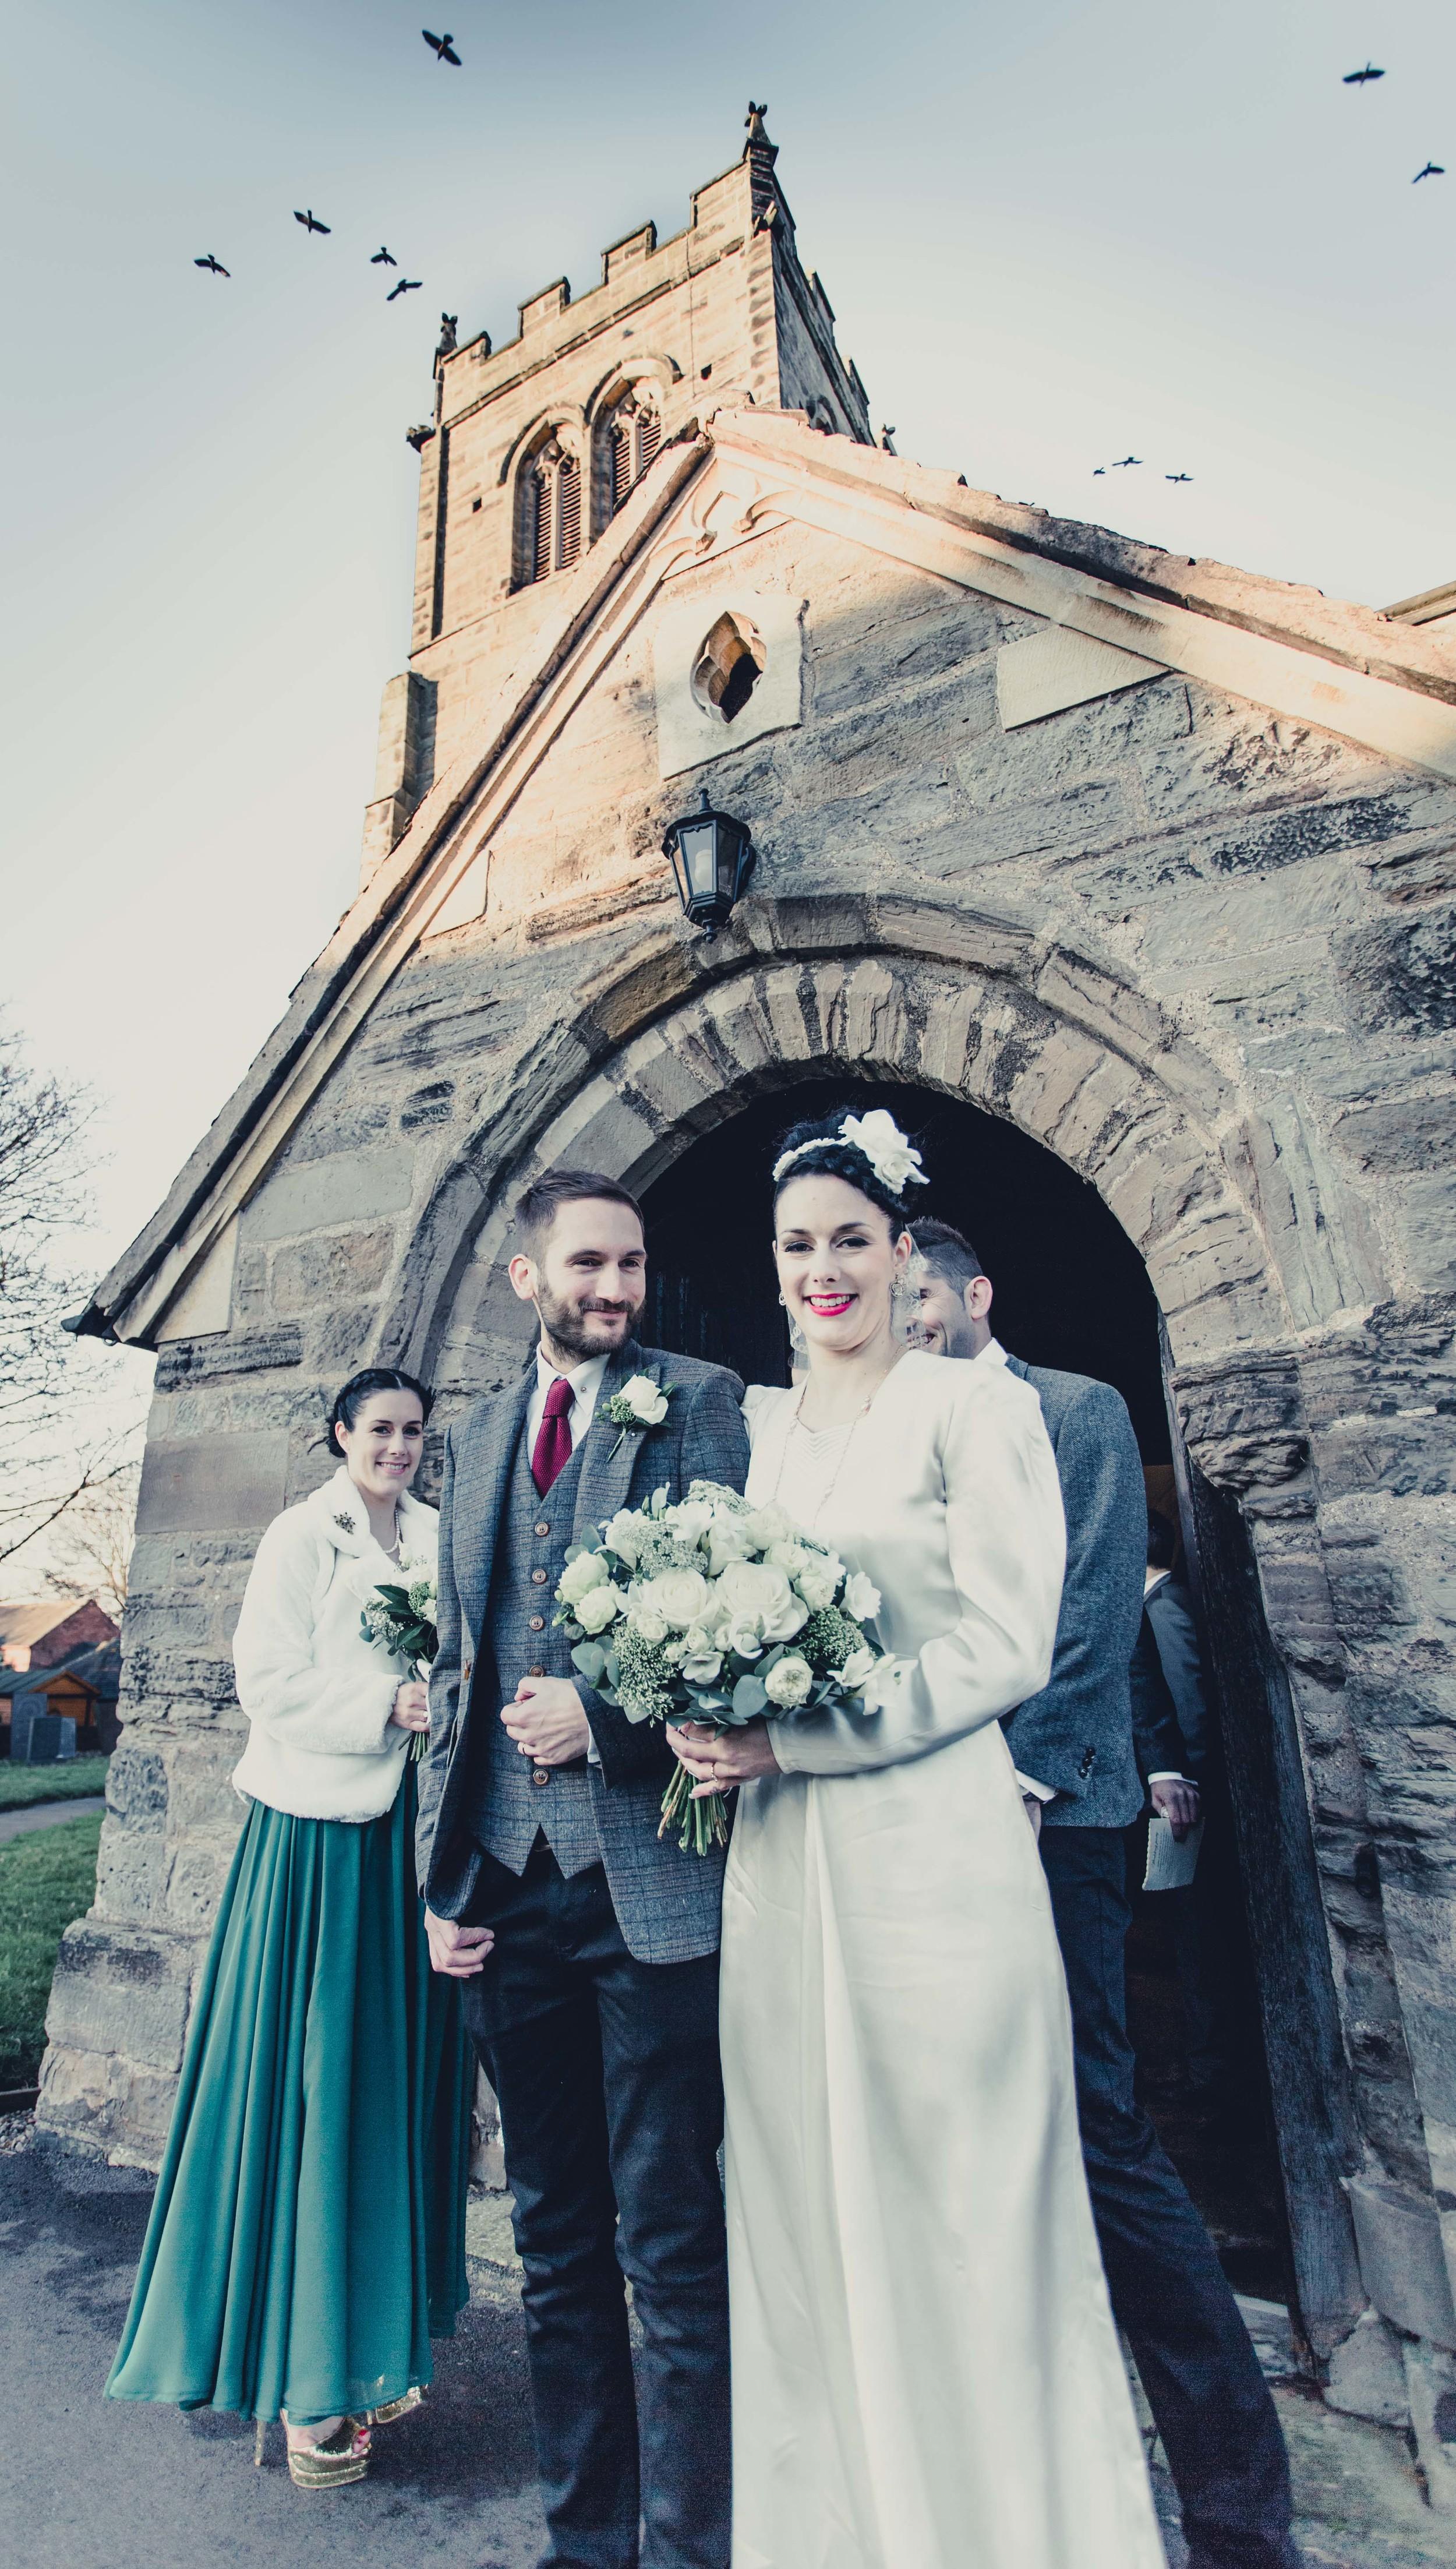 102 - Angela and Karls Wedding by www.markpugh.com -6771.jpg